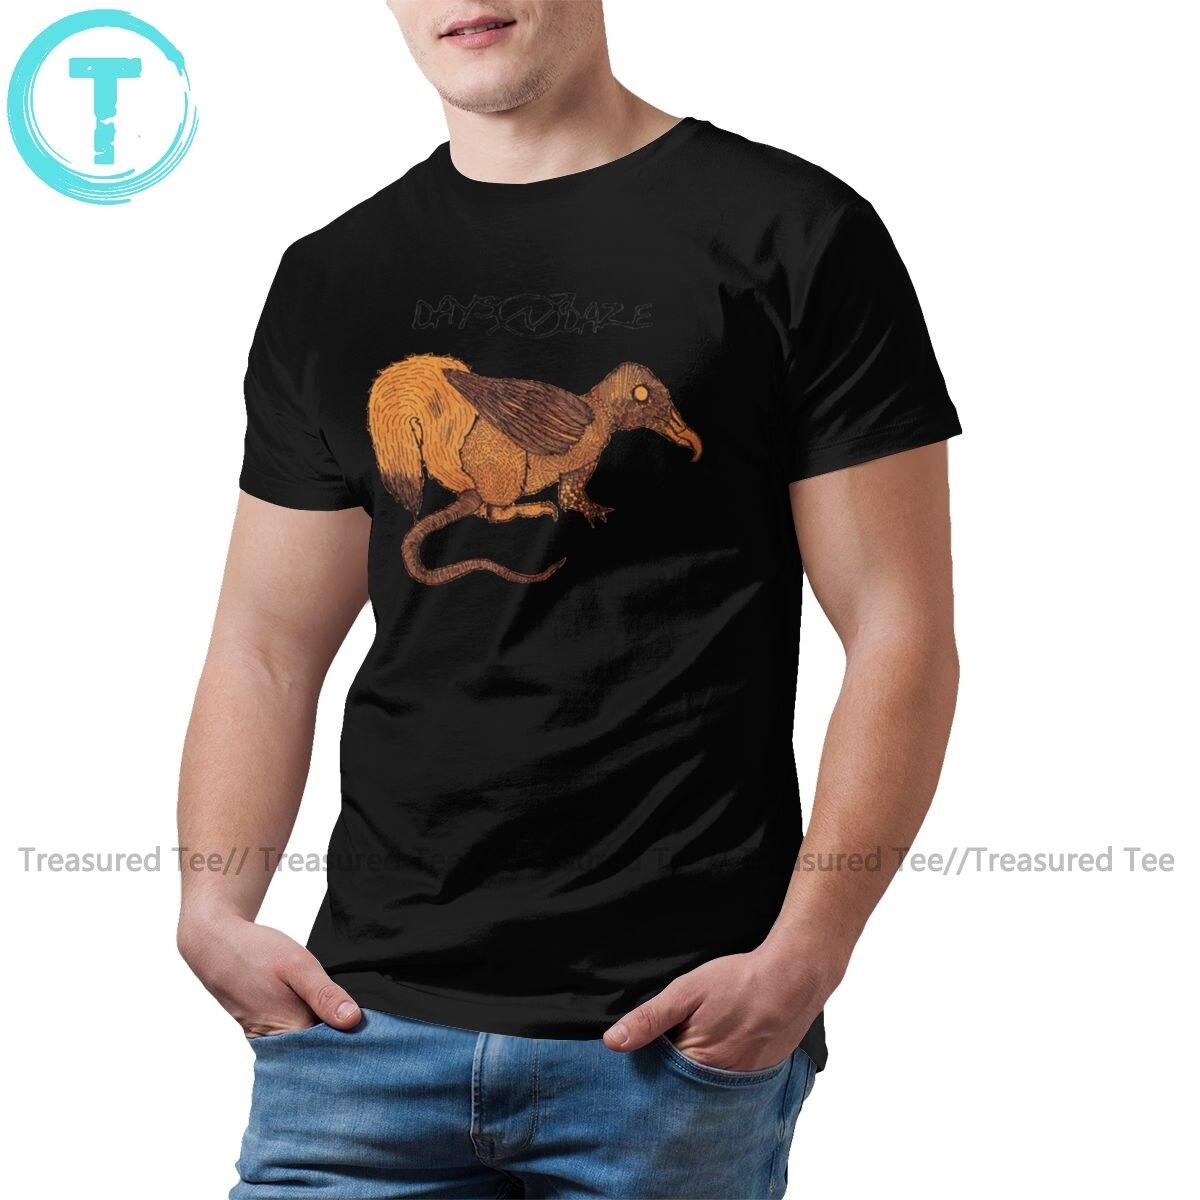 Camiseta de castor días y Daze camiseta estampada divertida camiseta de talla grande verano Camiseta de manga corta para hombre